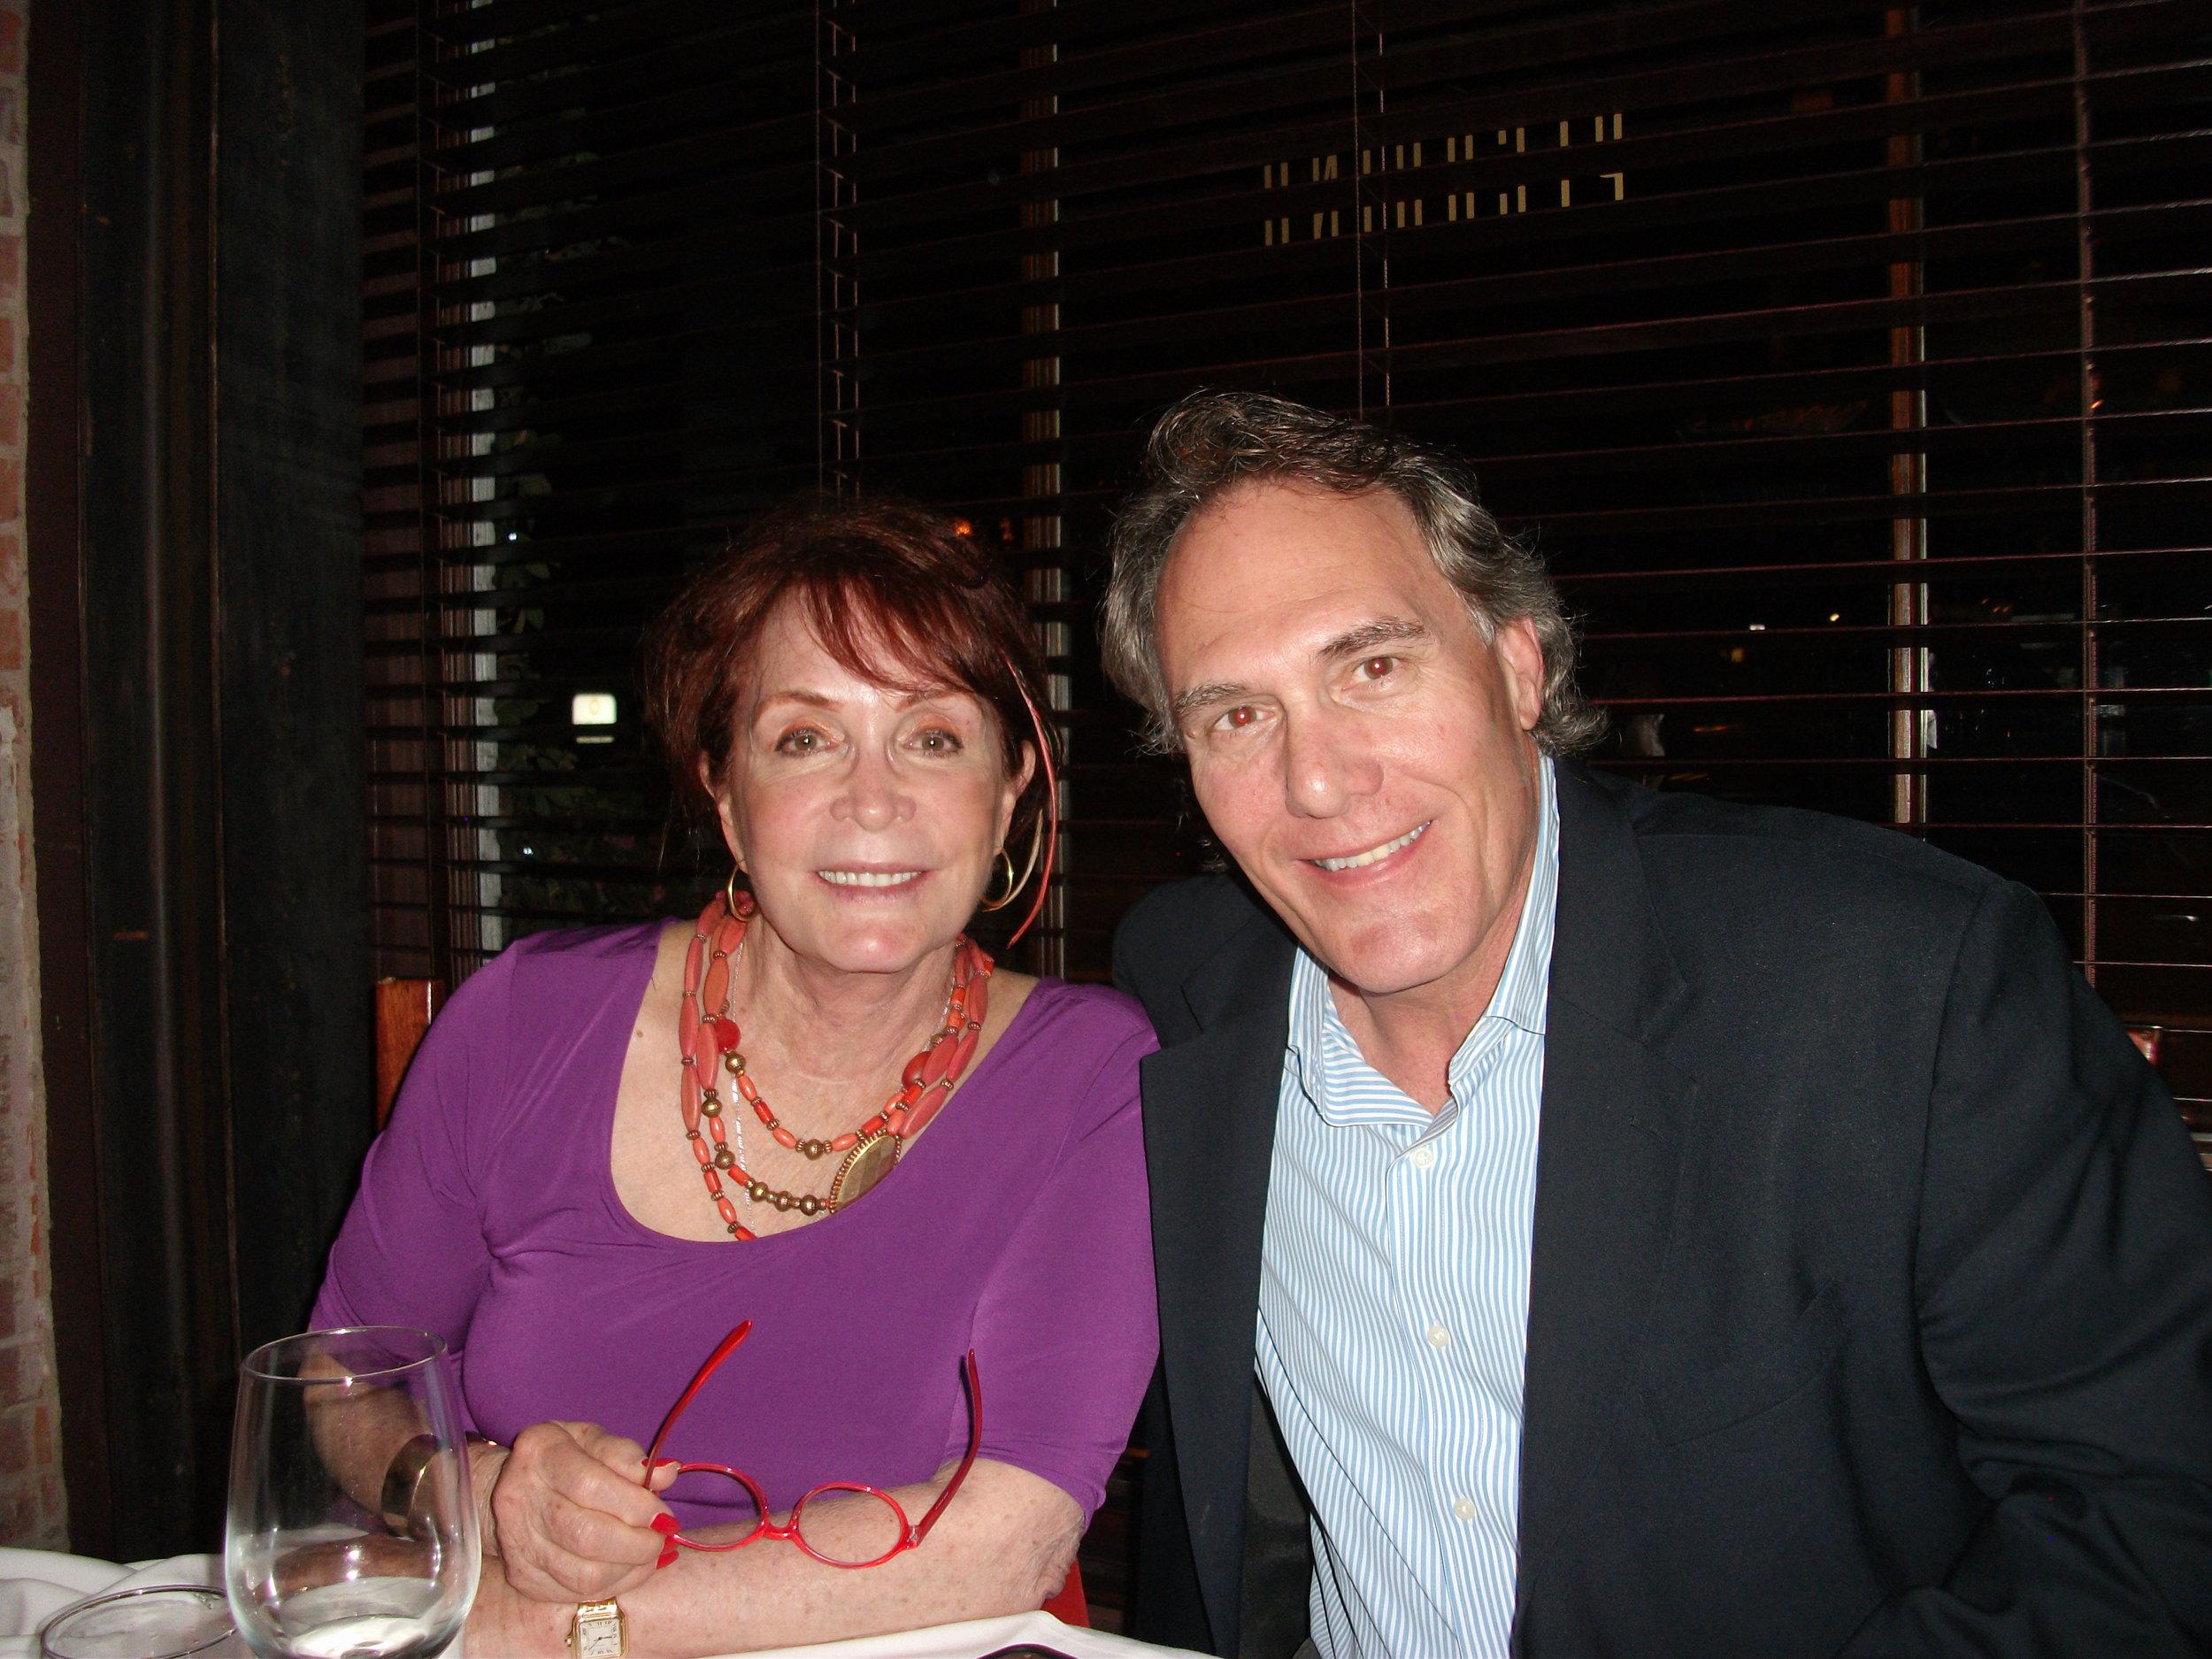 Dinner with Arlene Howard of Arlene Howard PR and Preston LA 5-4-13 .jpg